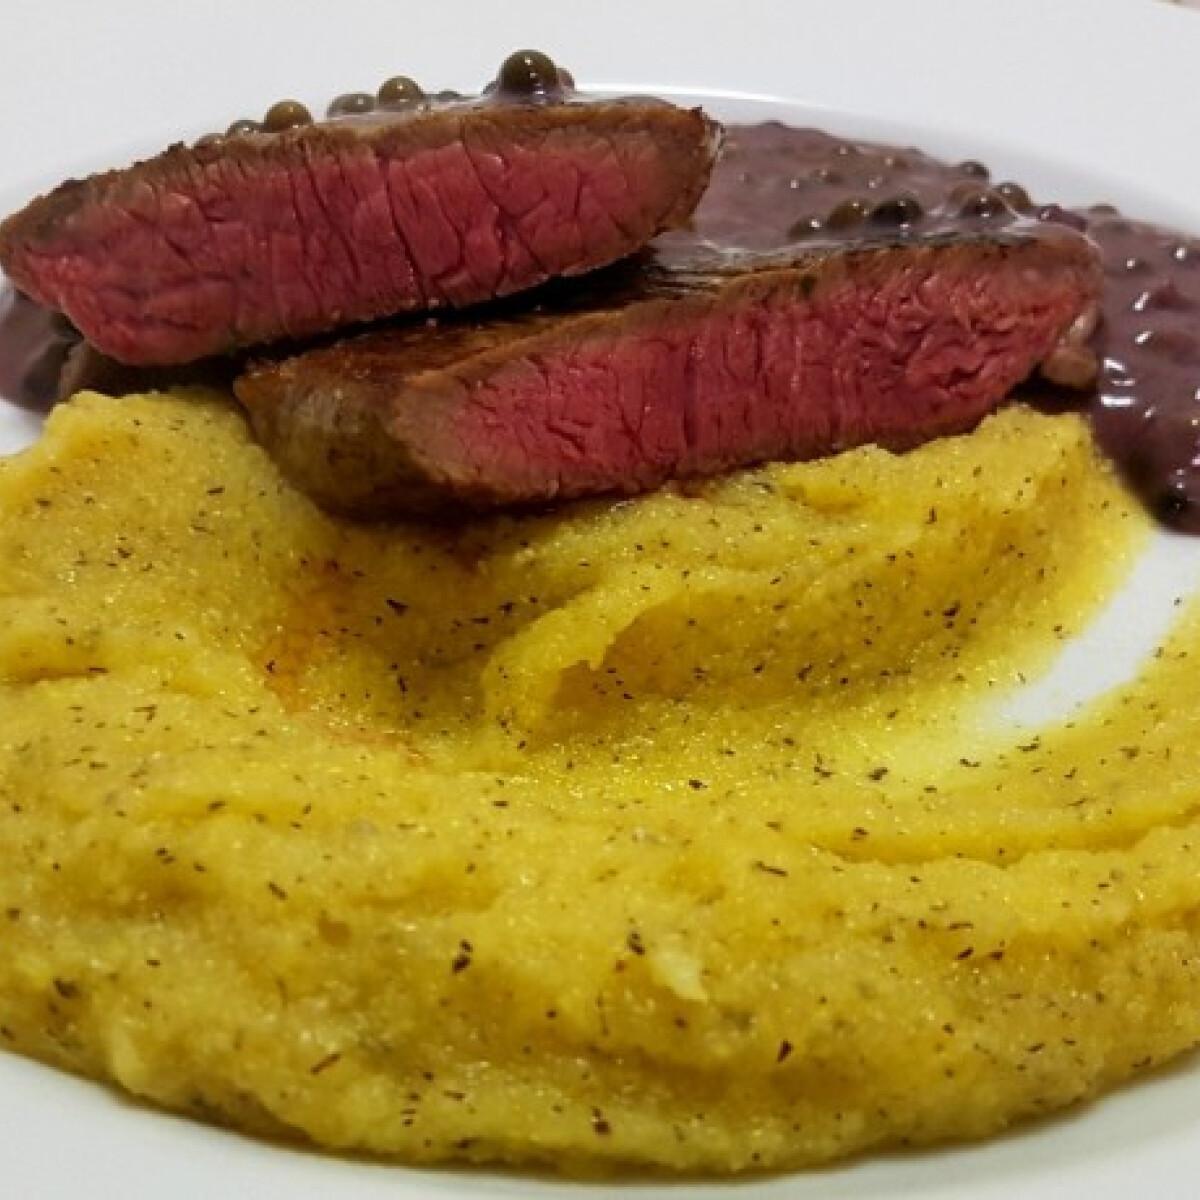 Ezen a képen: Medium ribeye steak borsmártással és polentával